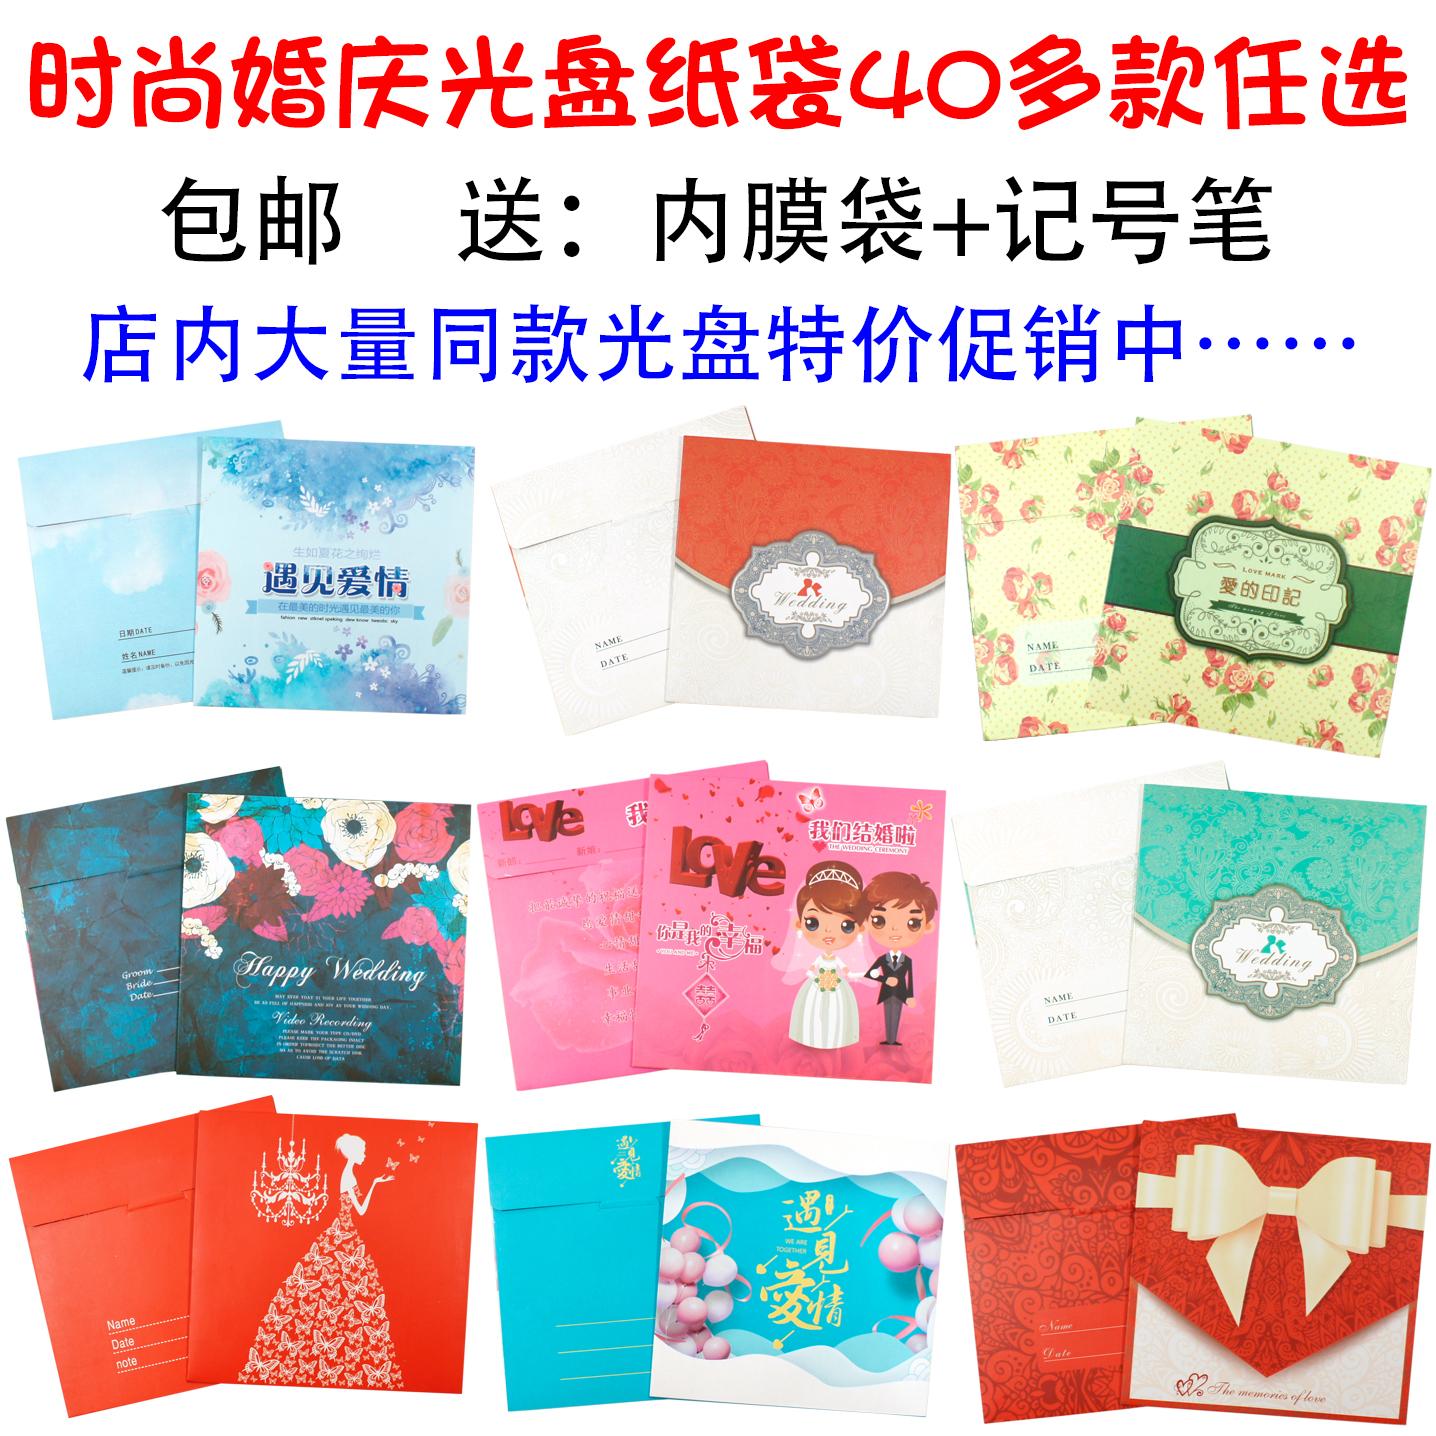 包邮 婚庆婚礼婚纱光盘纸袋盒子外壳DVD光盘袋盒PP袋封套包装纸壳